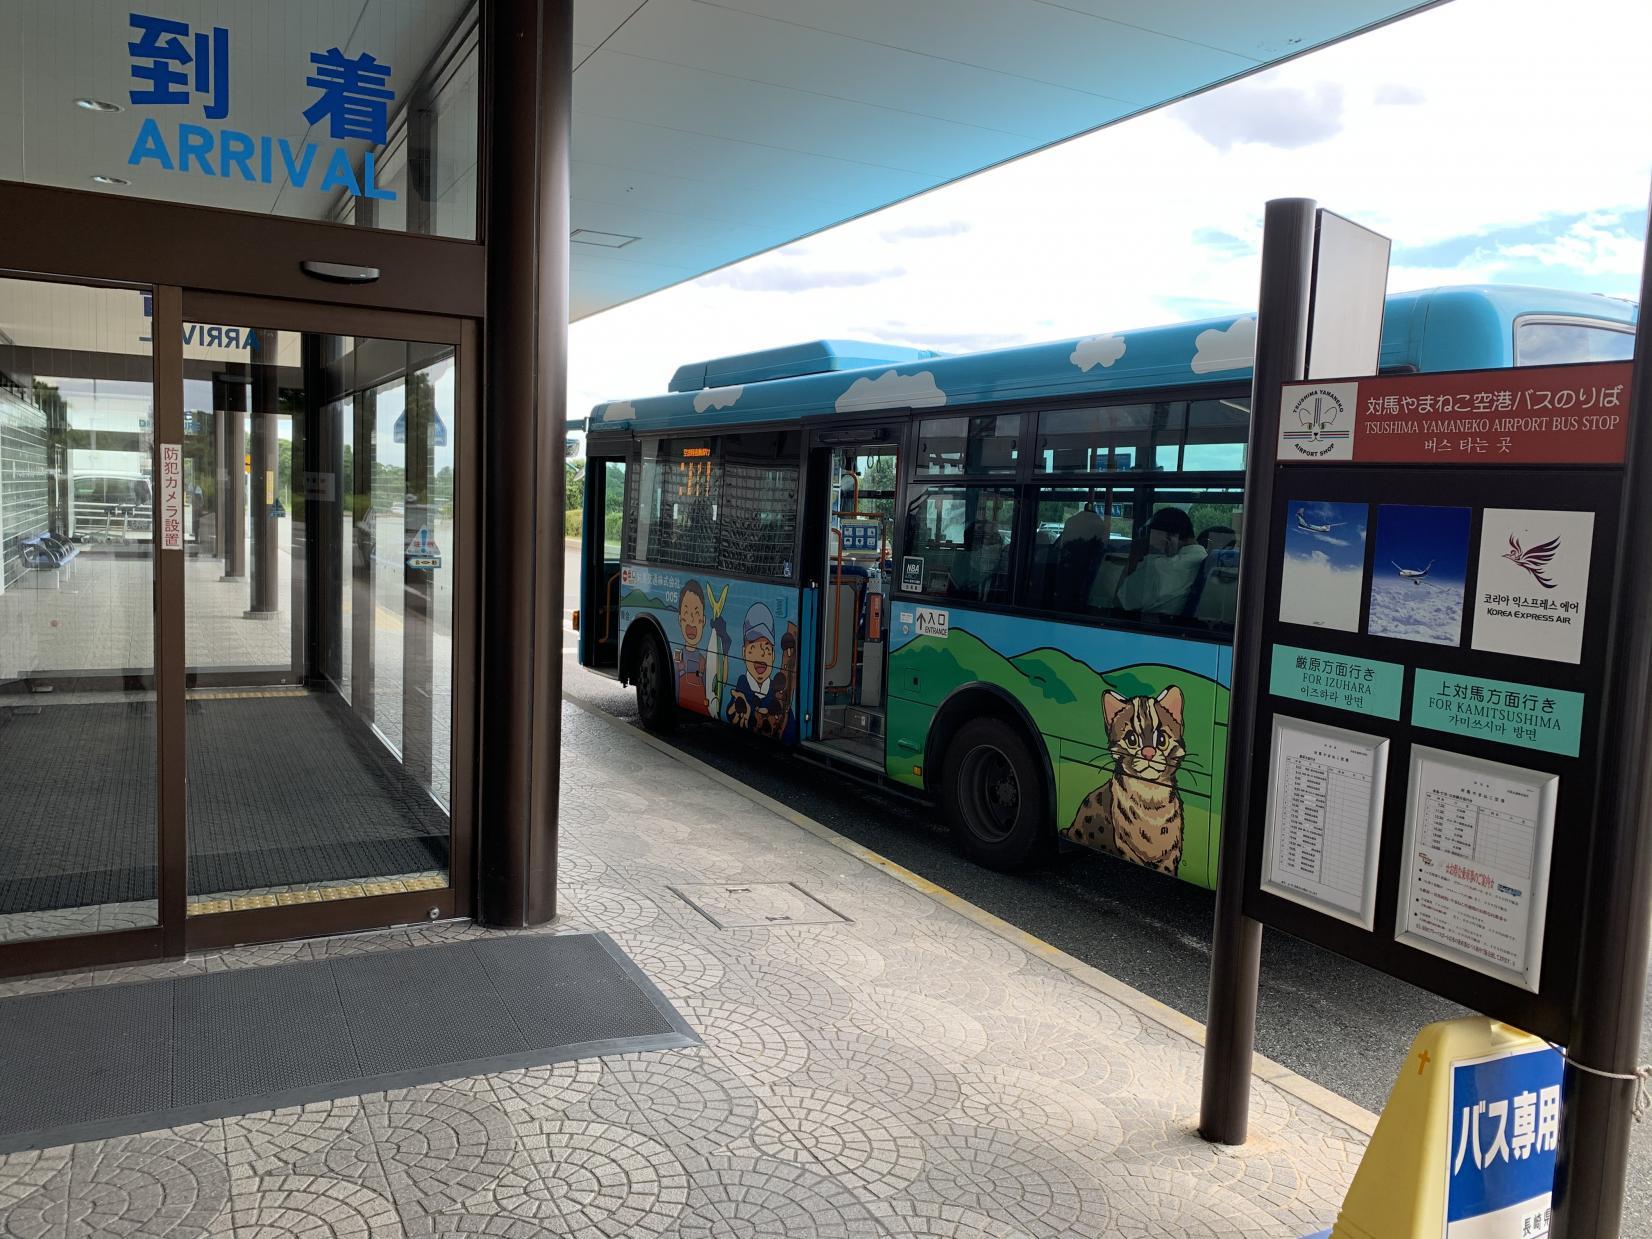 対馬市(島) 港ターミナル、交通機関のバリアフリー状況-1